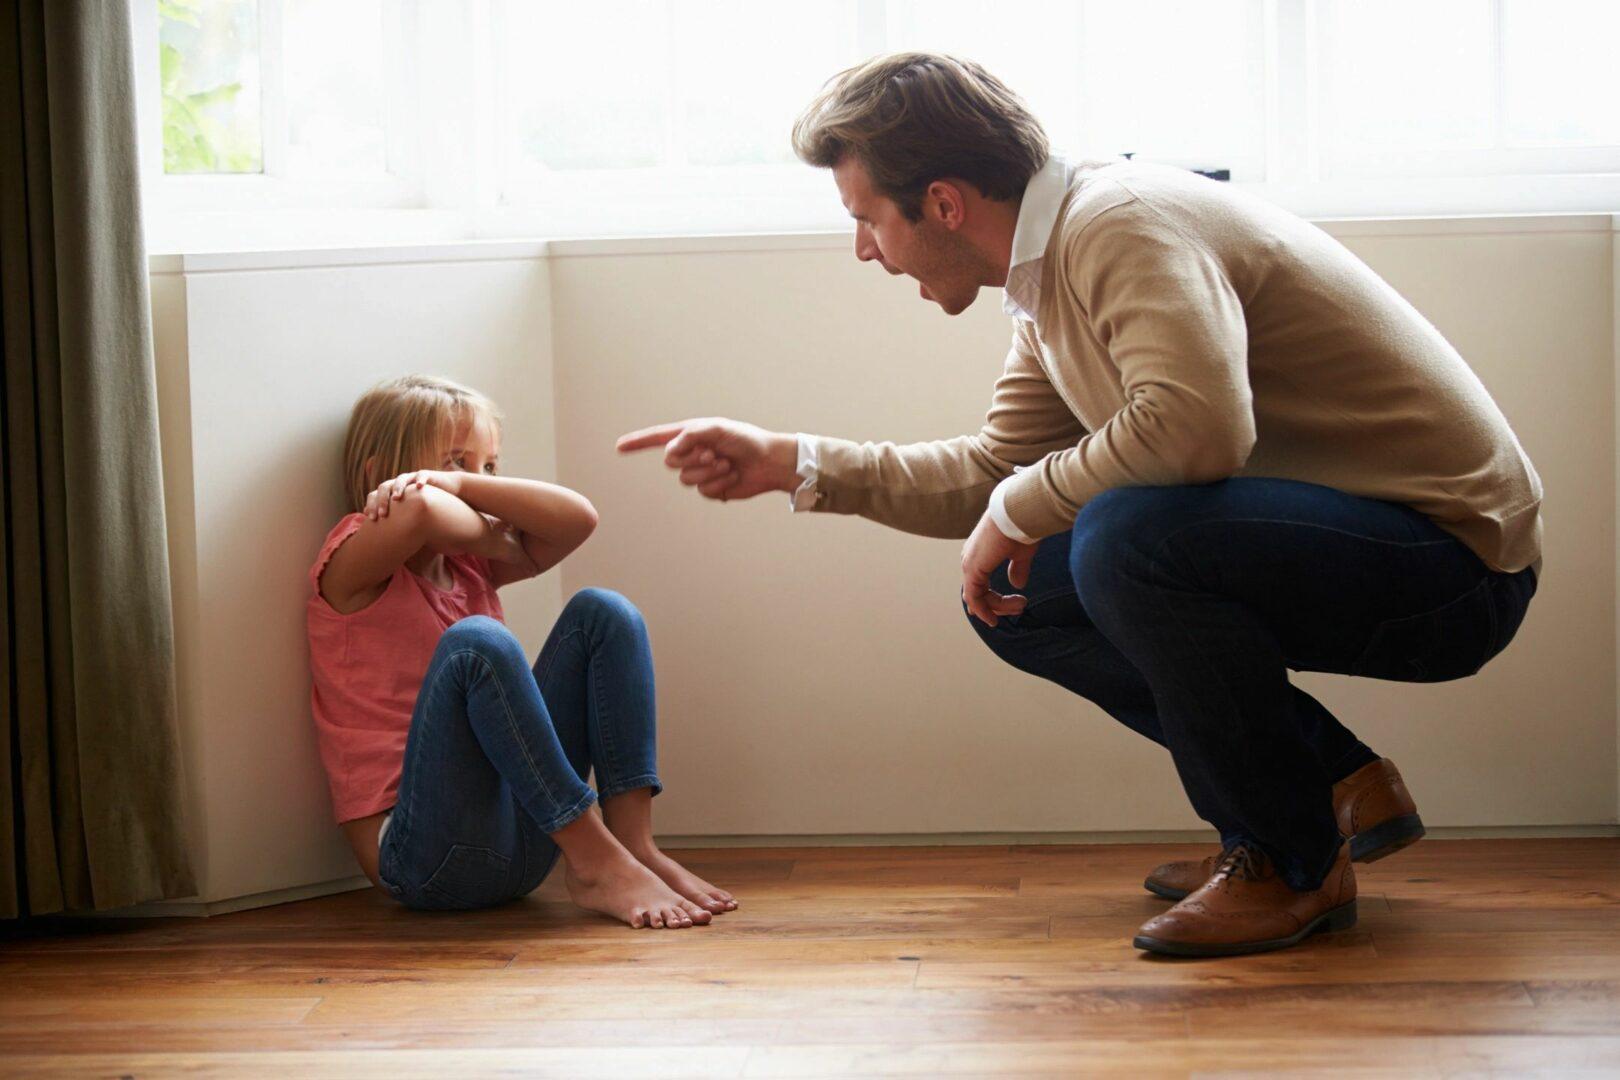 parent scolding